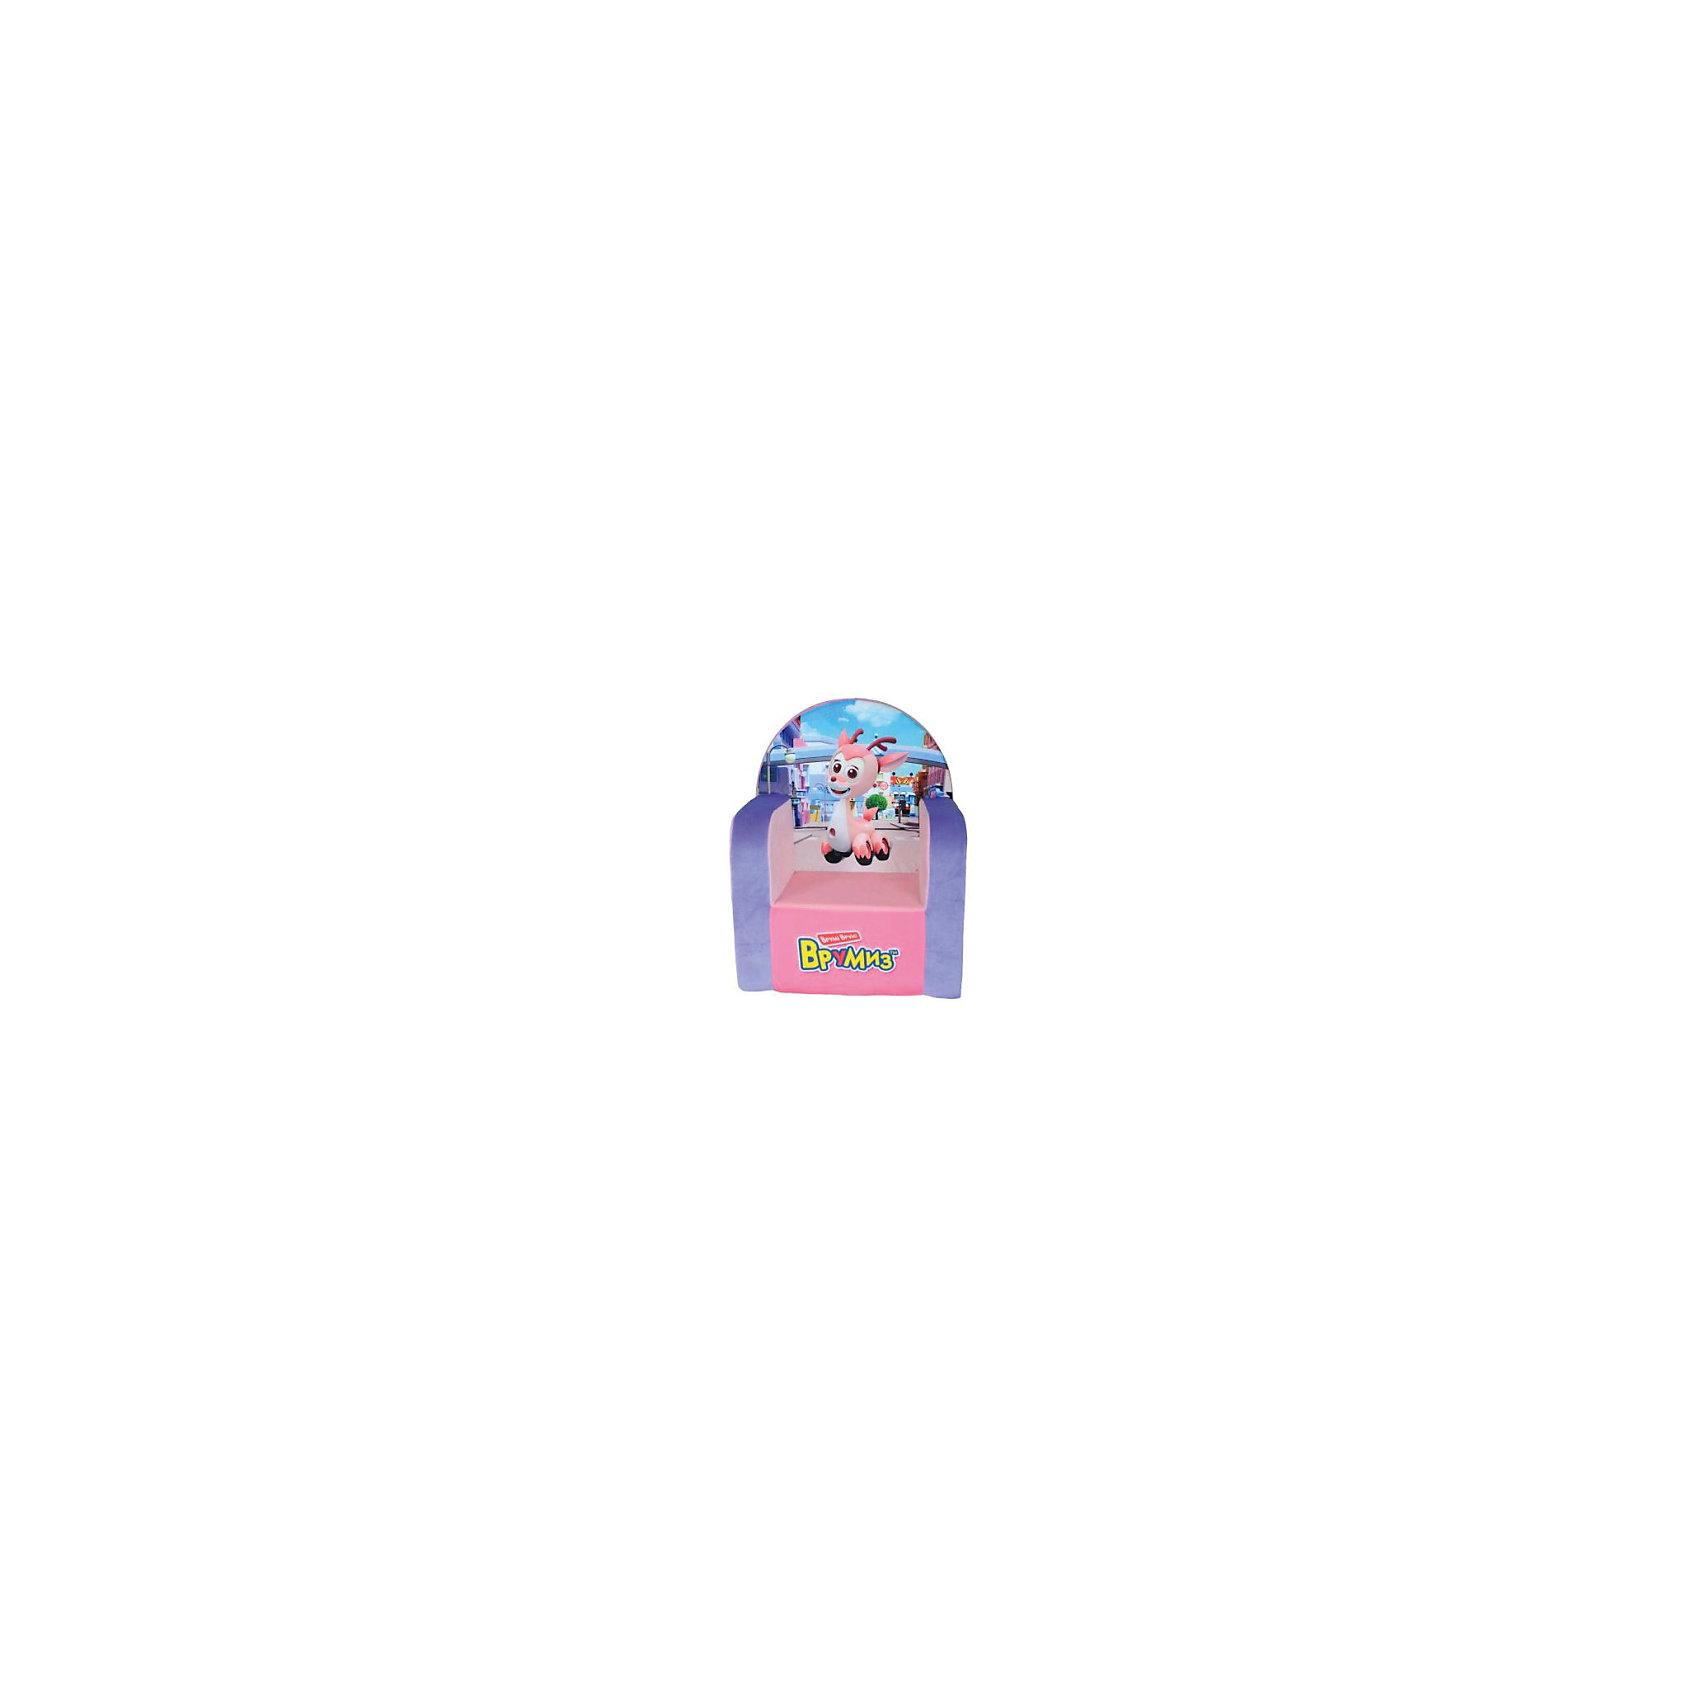 Кресло Врумиз, Small Toys, розовыйДетские мягкие кресла<br>Характеристики:<br><br>• Материал верх: текстиль, 100% <br>• Материал наполнитель: поролон, 100%<br>• Коллекция: Врумиз<br>• Съемный чехол<br>• Повышенная устойчивость<br>• Эргономичная форма<br>• Вес: 1 кг 075 г<br>• Размеры (Д*Ш*В): 36*42*53 см<br>• Особенности ухода: сухая и влажная чистка<br><br>Кресло, Врумиз, розовый выполнено в классической форме, в качестве каркаса использован упругий поролон. Сверху имеется съемный чехол, на который нанесены сюжеты из мультфильма Врумиз. <br><br>Изображение не блекнет и не меняет цвета даже при длительном использовании и частых стирках. Мягкое кресло имеет широкое днище, за счет чего обеспечивается повышенная устойчивость. Подлокотники имеют округую форму.<br><br>Кресло, Врумиз, розовый можно купить в нашем интернет-магазине.<br><br>Ширина мм: 360<br>Глубина мм: 420<br>Высота мм: 530<br>Вес г: 1075<br>Возраст от месяцев: 36<br>Возраст до месяцев: 1188<br>Пол: Женский<br>Возраст: Детский<br>SKU: 6727942